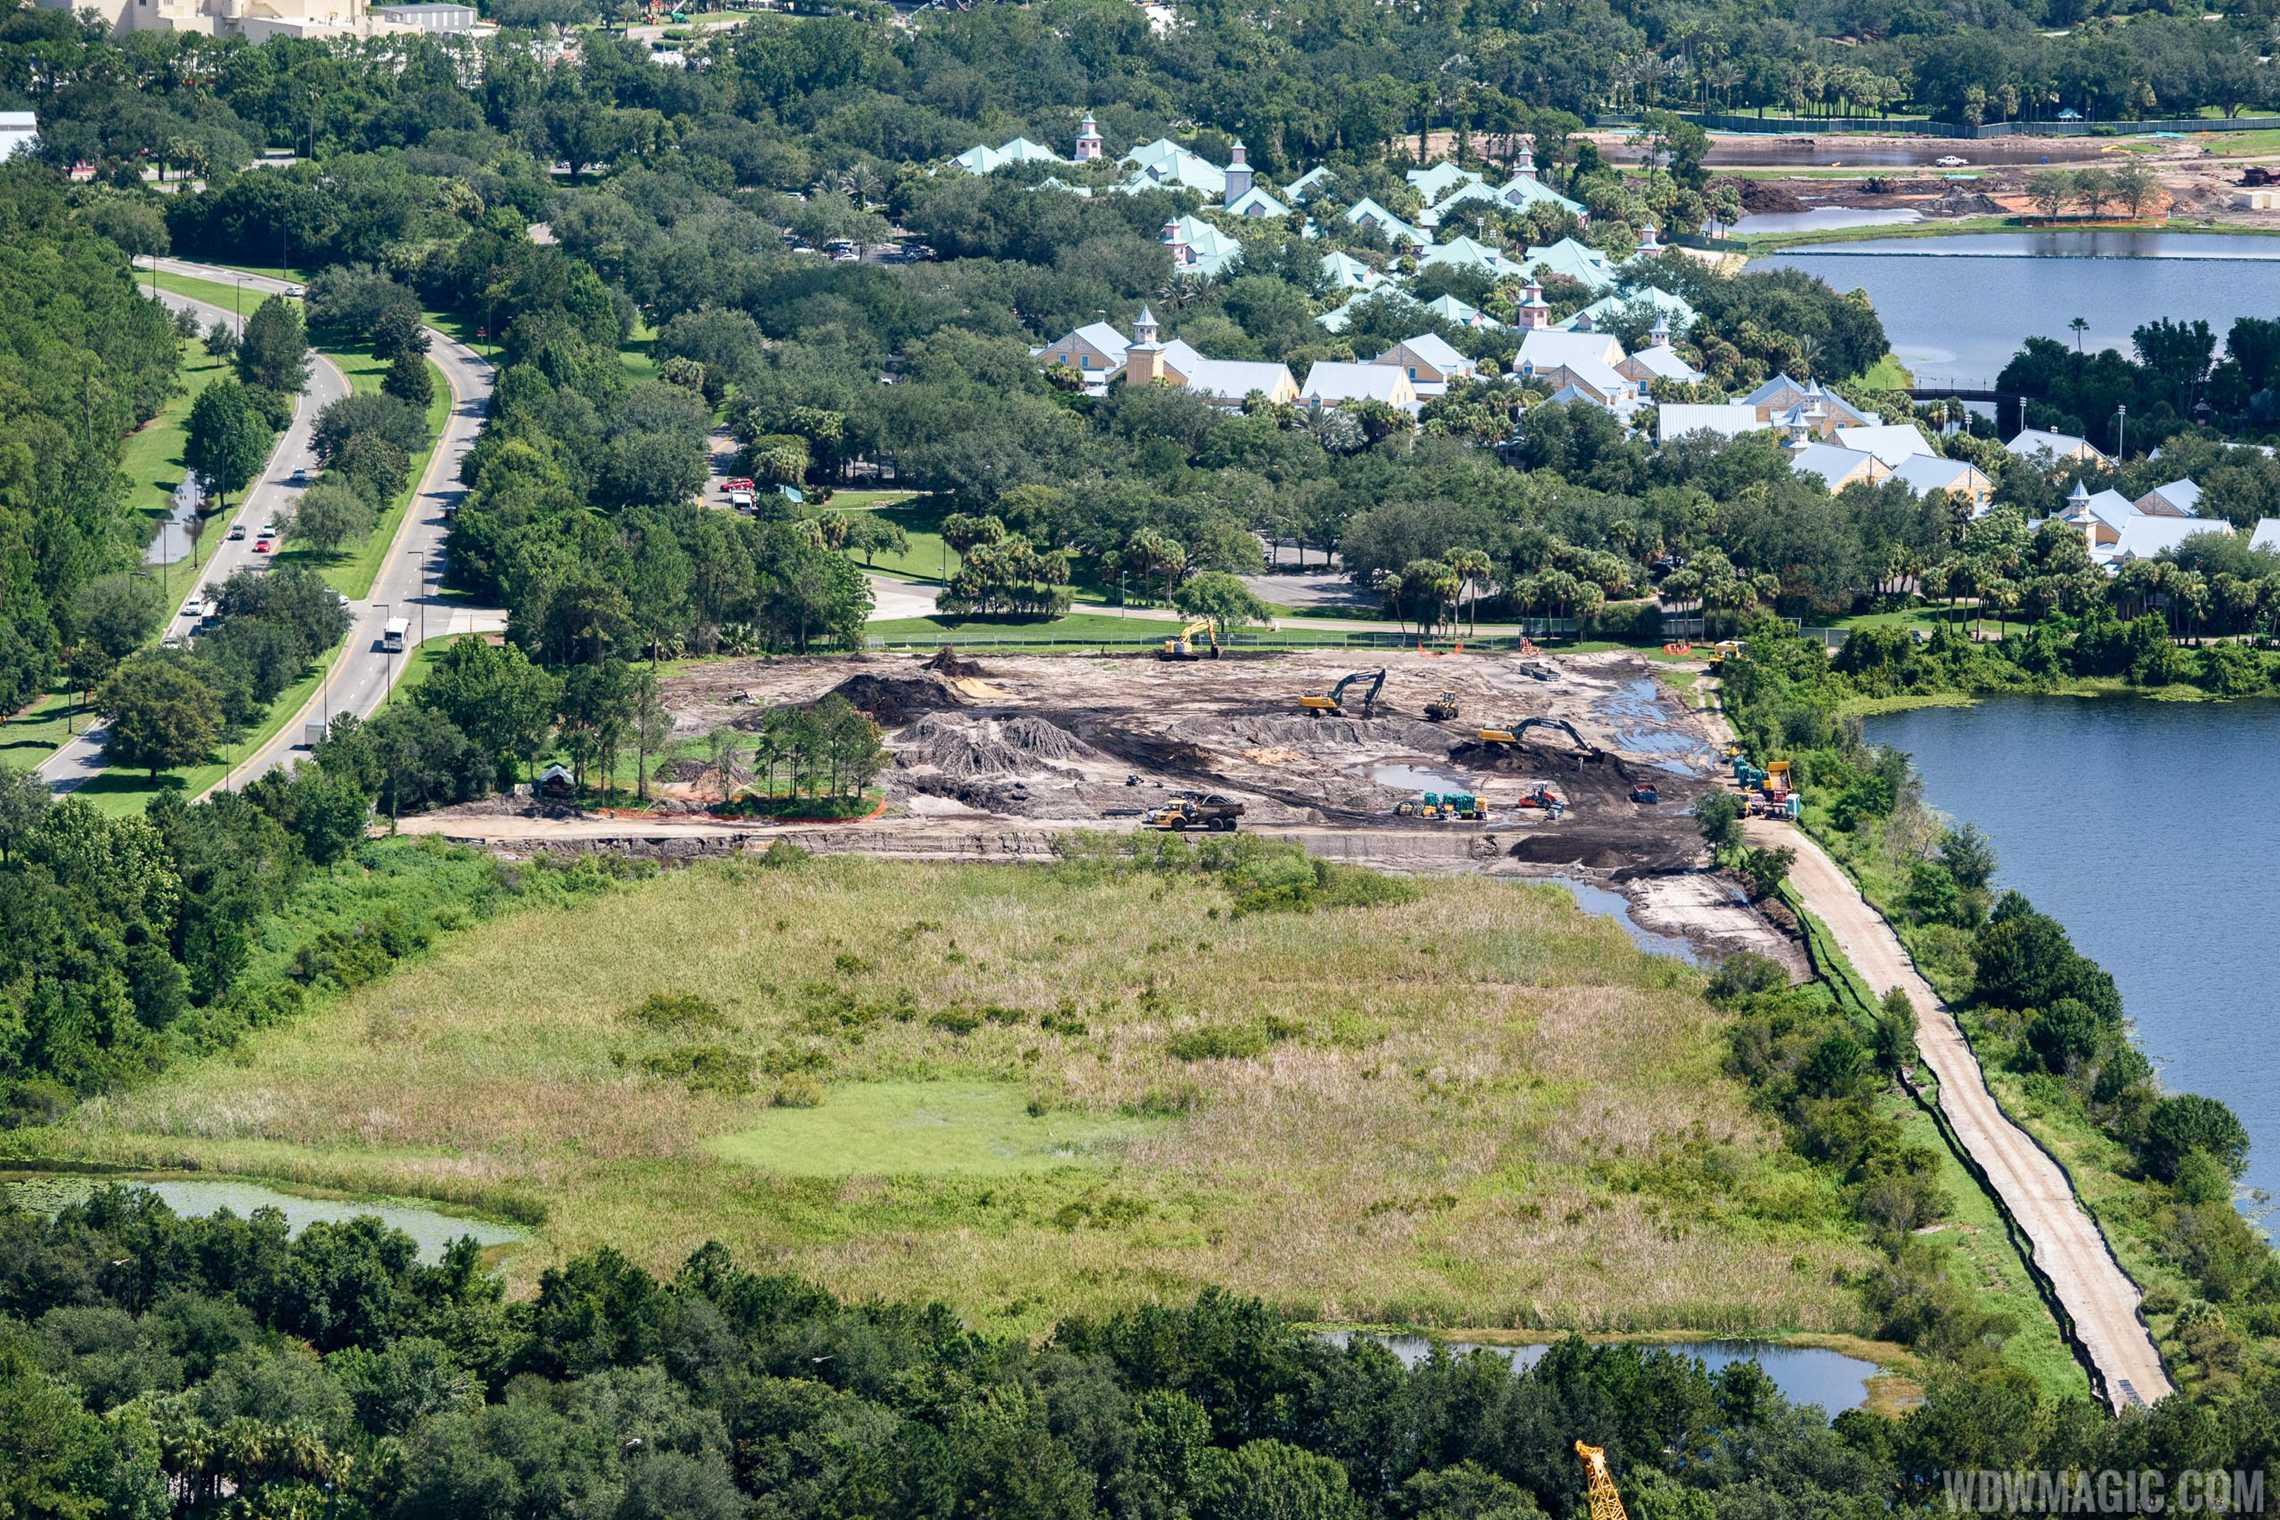 Disney Skyliner construction at Caribbean Beach Resort